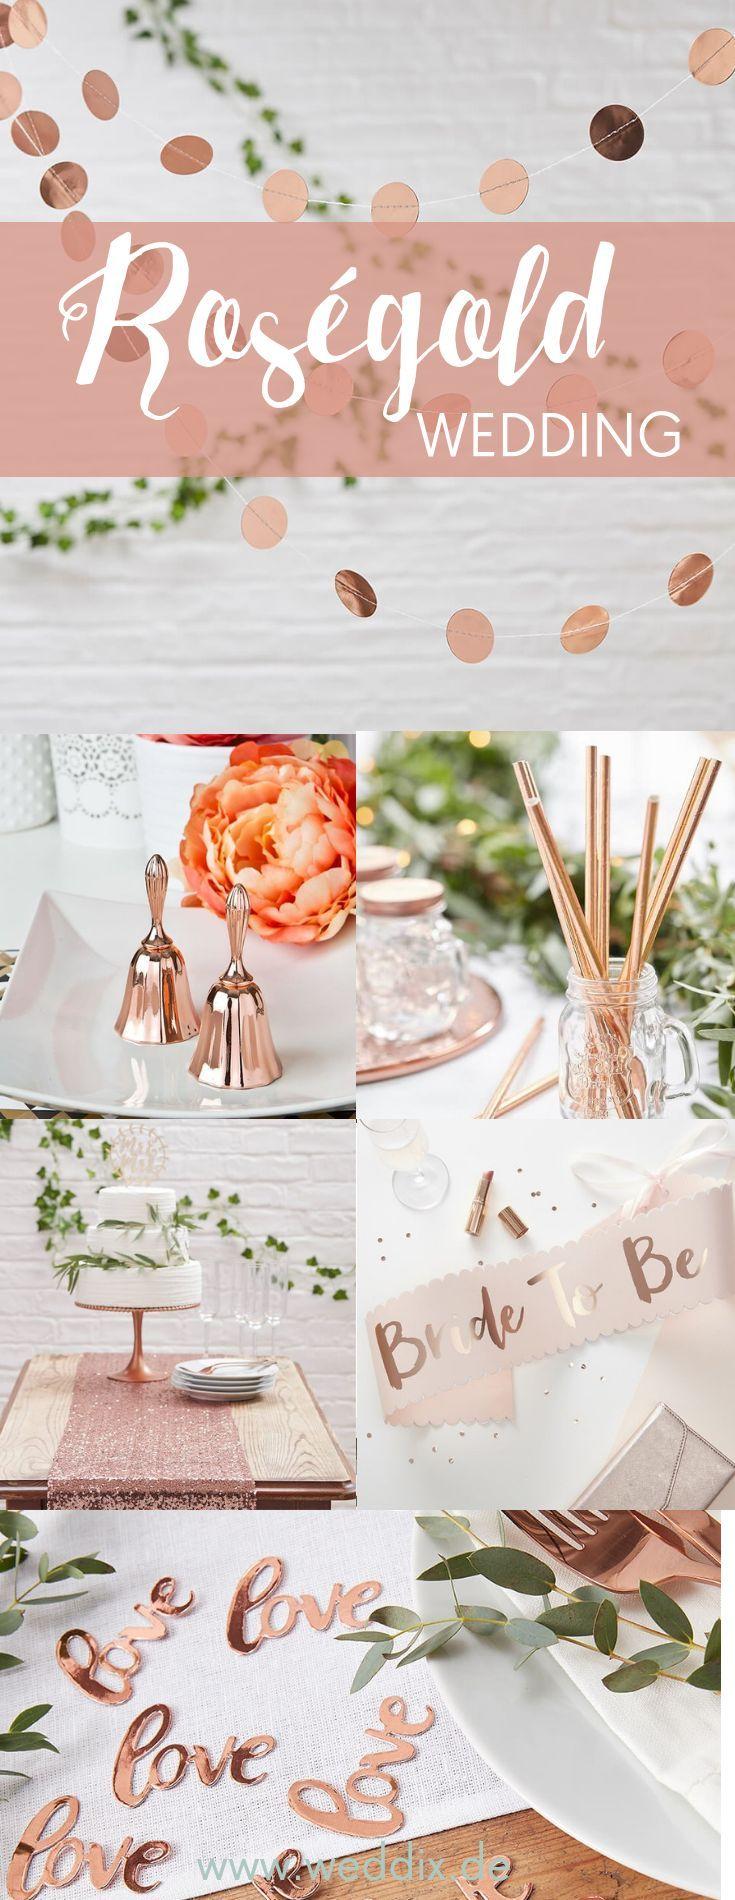 Rosegold Wirkt Einfach Wunderschon An Der Hochzeitstafel Wer Noch Nach Passender Deko Sucht Kann Sich Hi Rosegold Hochzeit Hochzeitstafel Hochzeitsdekoration